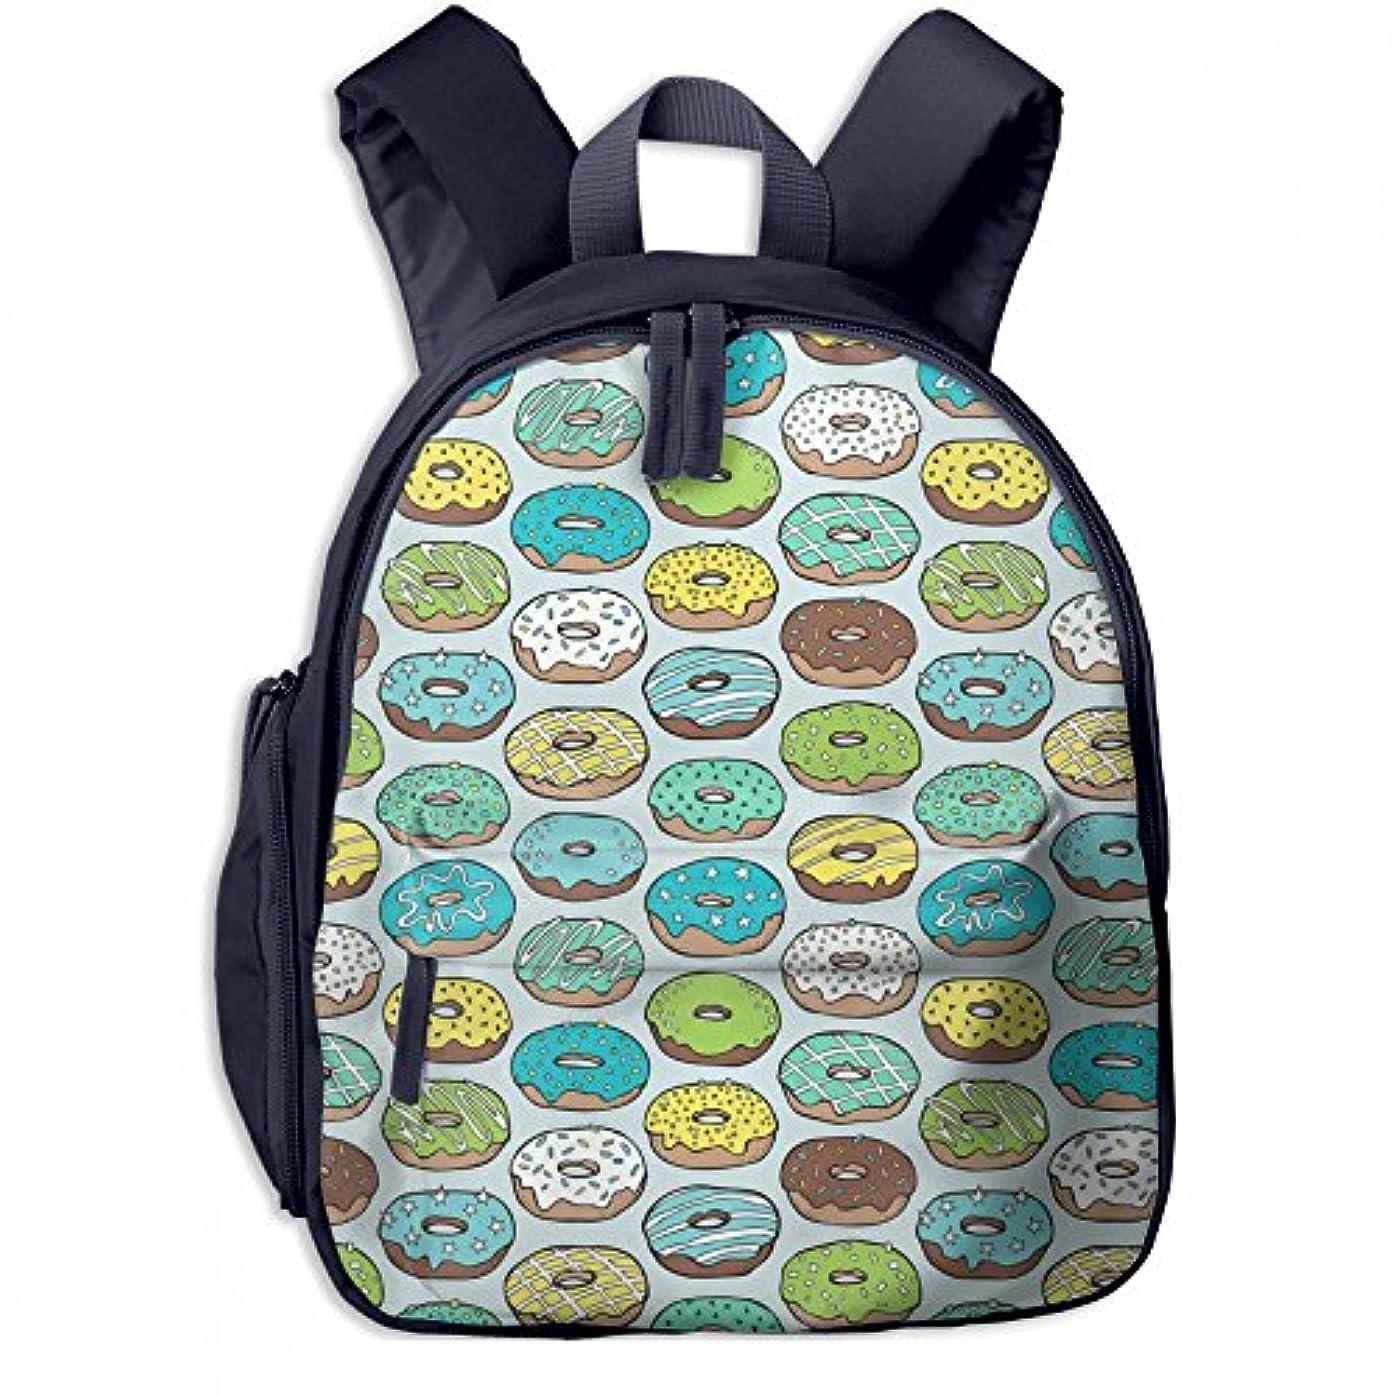 りナビゲーション移行マカロン かわいい 子供用バックパック 綺麗 キッズ リュック 実用性 通学 パック ポケット付き